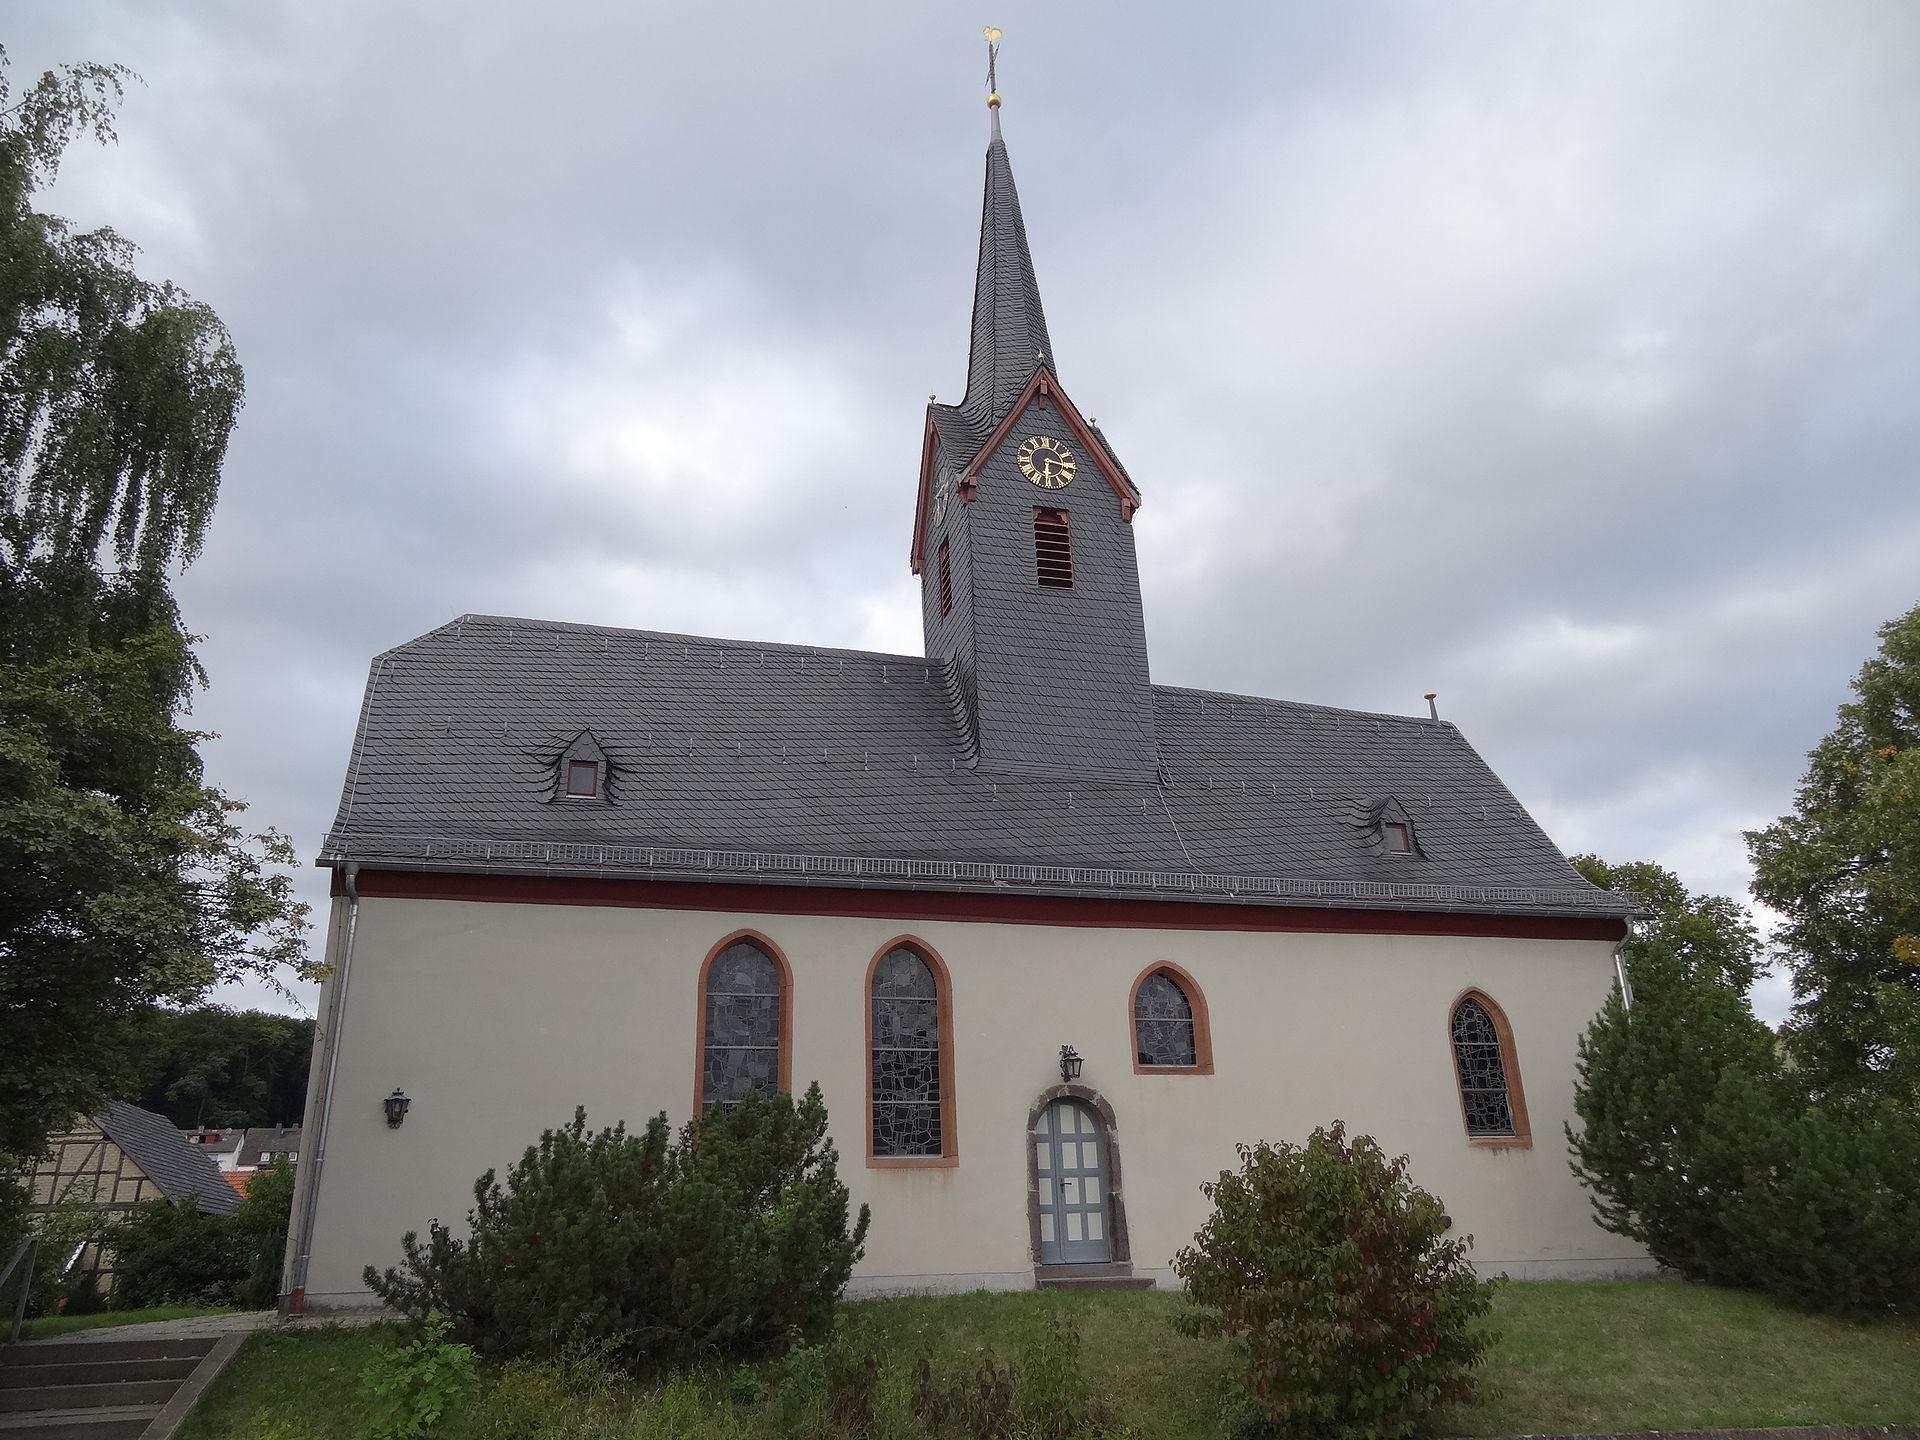 Pohlheim Hausen  Evangelische Kirche Hausen Pohlheim –